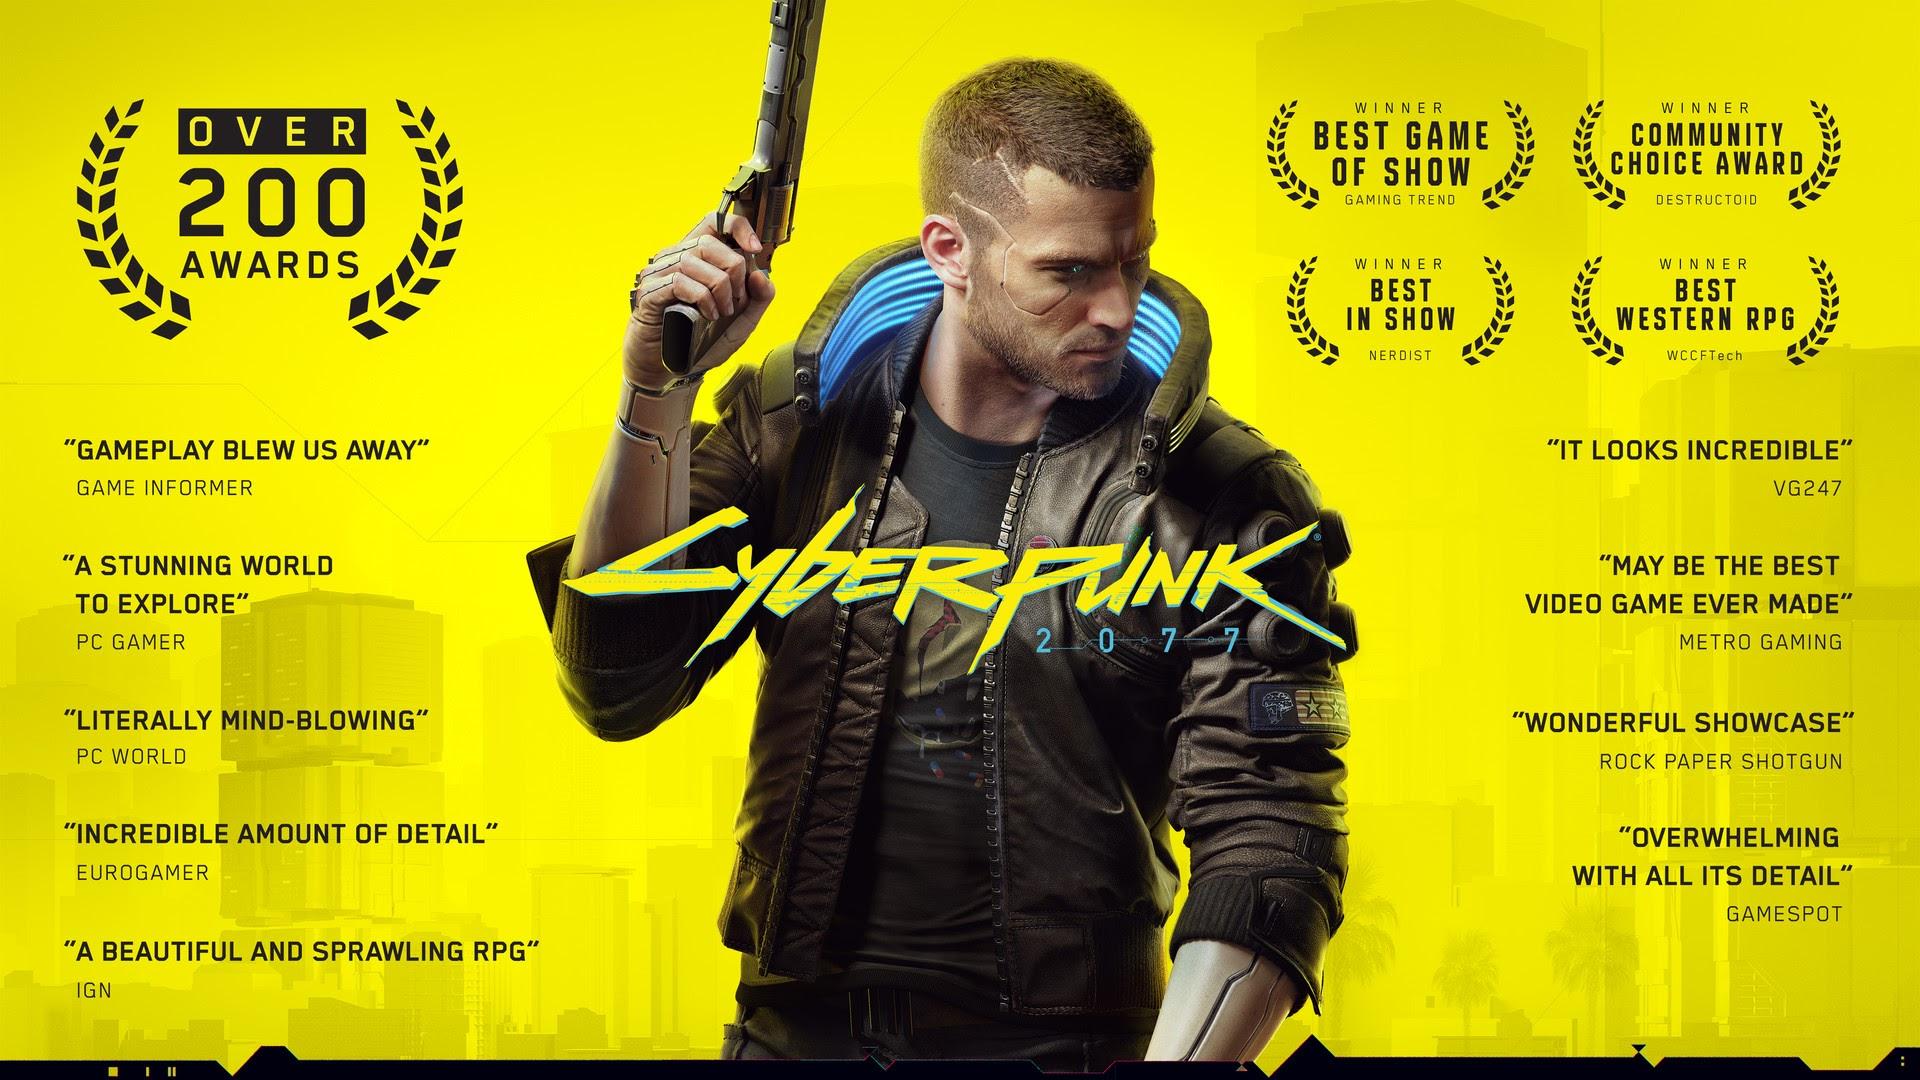 cyberpunk 2077, cyberpunk 2077 review, cyberpunk 2077 trailer, cyberpunk 2077 ps4, cyberpunk 2077 xbox one, cyberpunk 2077 ps5, cyberpunk 2077 music, cyberpunk 2077 bugs, cyberpunk 2077 romance, cyberpunk 2077 all endings, cyberpunk 2077 all cars, cyberpunk 2077 animals, cyberpunk 2077 asmr, cyberpunk 2077 gmv, cyberpunk 2077 armor, cyberpunk 2077 ad, cyberpunk 2077 akira, a cyberpunk 2077 cartoon, a cyberpunk 2077 cartoon reaction, a cyberpunk 2077, cyberpunk 2077 builds, cyberpunk 2077 best guns, cyberpunk 2077 bad, cyberpunk 2077 benchmark, cyberpunk 2077 buggy, cyberpunk 2077 base ps4, cyberpunk 2077 before you buy, cyberpunk 2077 corpo, cyberpunk 2077 crafting, cyberpunk 2077 cheats, cyberpunk 2077 cars, cyberpunk 2077 channel, cyberpunk 2077 console, cyberpunk 2077 city of dreams, cyberpunk 2077 character creation, cyberpunk 2077 c'est quoi, cyberpunk 2077 dont lose your mind, cyberpunk 2077 delay, cyberpunk 2077 dlc, cyberpunk 2077 driving, cyberpunk 2077 drugs, cyberpunk 2077 dream on, cyberpunk 2077 disasterpiece, cyberpunk 2077 double life, cyberpunk 2077 ending, cyberpunk 2077 eso, cyberpunk 2077 easter egg, cyberpunk 2077 early, cyberpunk 2077 ep, cyberpunk 2077 earrape, cyberpunk 2077 elevator, cyberpunk 2077 exploit, cyberpunk 2077 e3, cyberpunk 2077 theme, cyberpunk 2077 trailer e, cyberpunk 2077 e bom, cyberpunk 2077 free, cyberpunk 2077 free roam, cyberpunk 2077 funny, cyberpunk 2077 free brick, cyberpunk 2077 full game, cyberpunk 2077 free cars, cyberpunk 2077 free items, cyberpunk 2077 food, cyberpunk 2077 wake the f up, cyberpunk 2077 trailer fr, cyberpunk 2077 glitches, cyberpunk 2077 guide, cyberpunk 2077 geforce now, cyberpunk 2077 gameplay leak, cyberpunk 2077 gamespot, cyberpunk 2077 gangs, cyberpunk 2077 good ending, cyberpunk 2077 guns, cyberpunk 2077 song, cyberpunk 2077 how to, cyberpunk 2077 happy together, cyberpunk 2077 how to change hair, cyberpunk 2077 how to romance panam, cyberpunk 2077 hidden ending, cyberpunk 2077 how to get amm